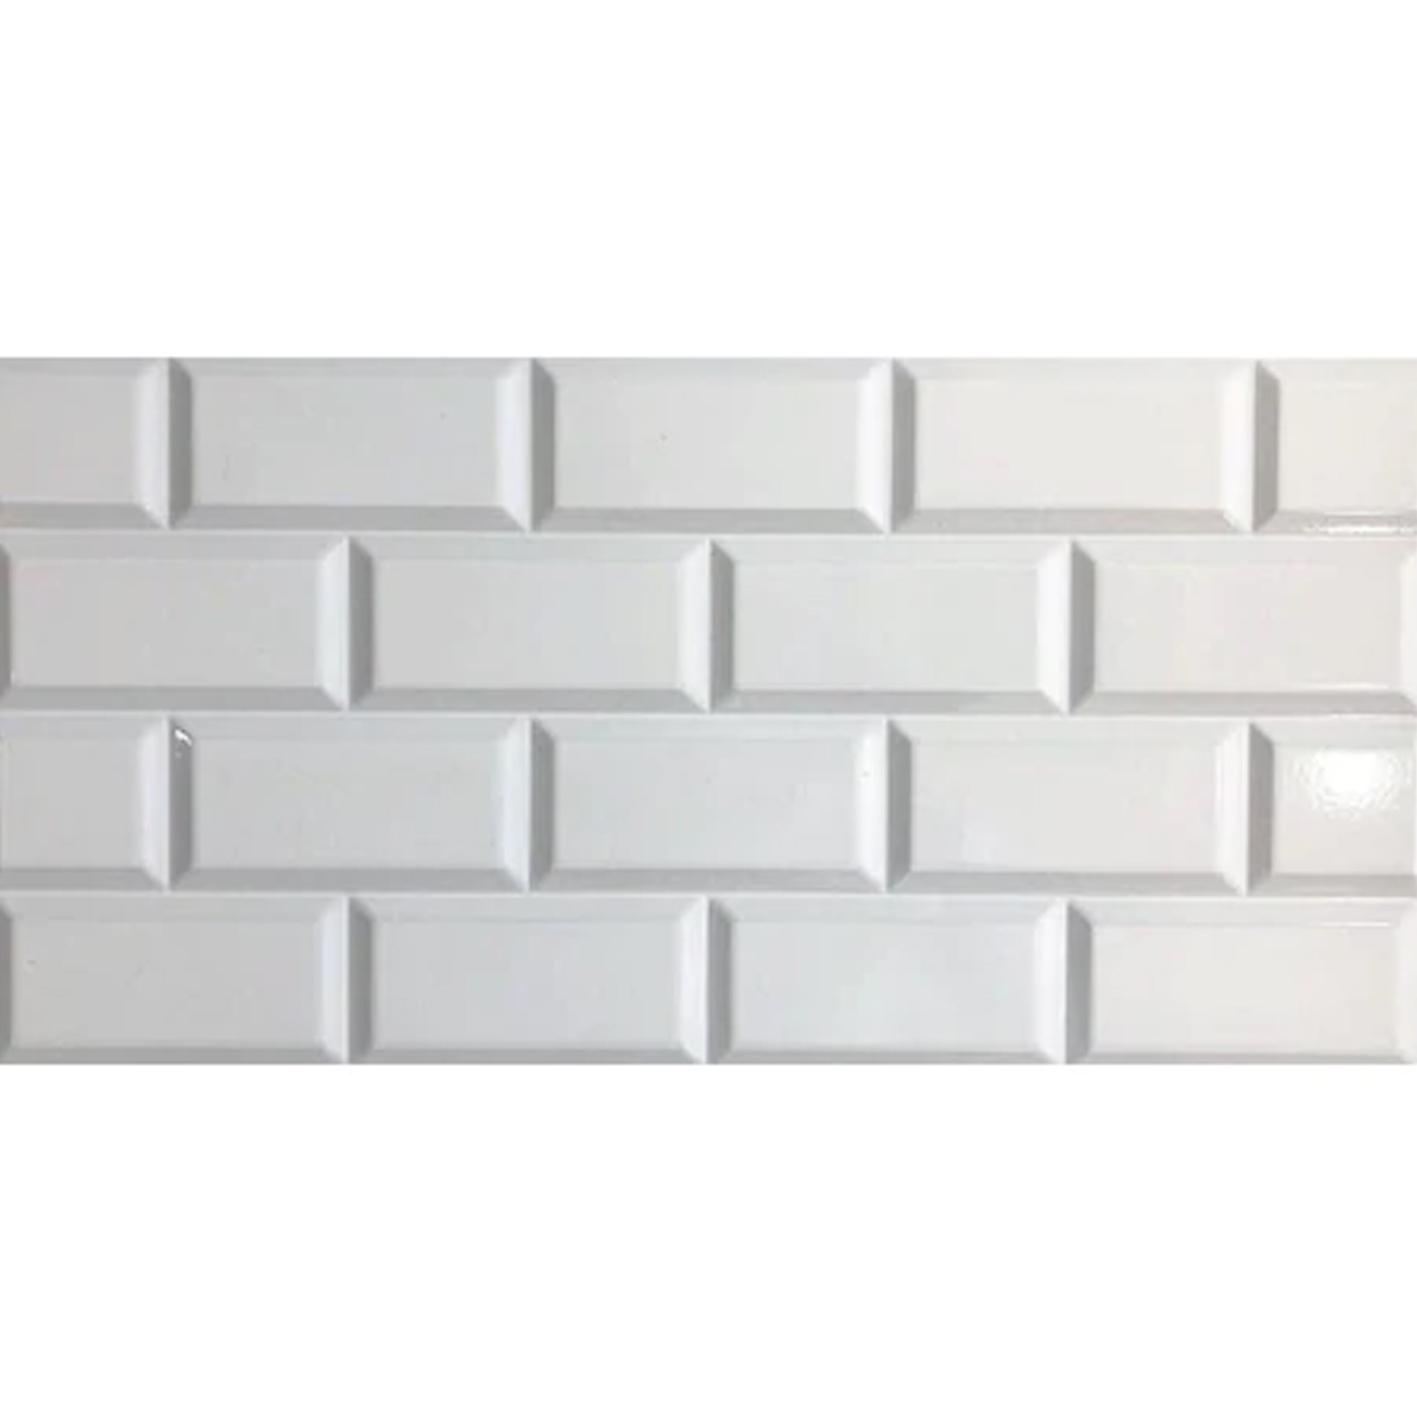 Lotus Beyaz Tezgah Arası Seramik 30x60 1Paket/ 1.62m²